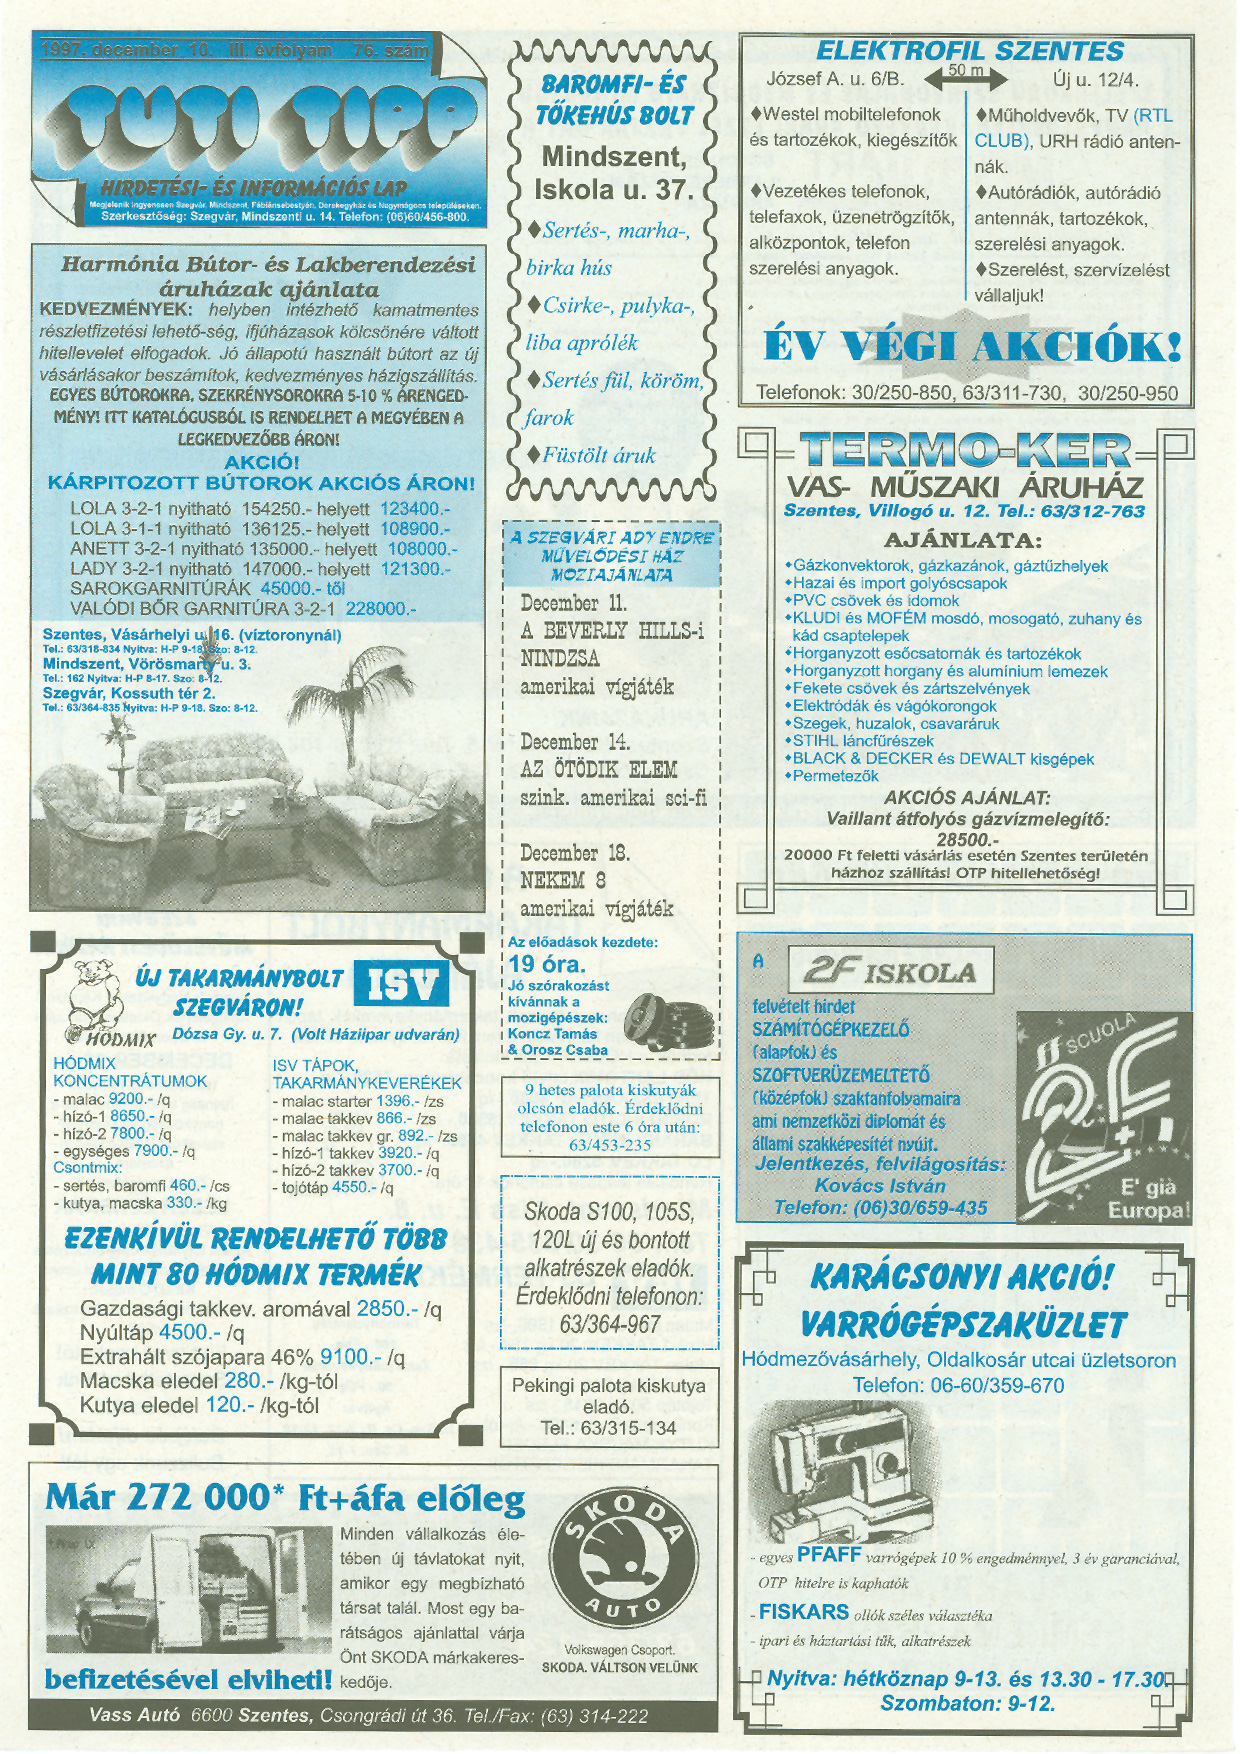 049 Tuti Tipp reklámújság - 19971210-076. lapszám - 1.oldal - III. évfolyam.jpg